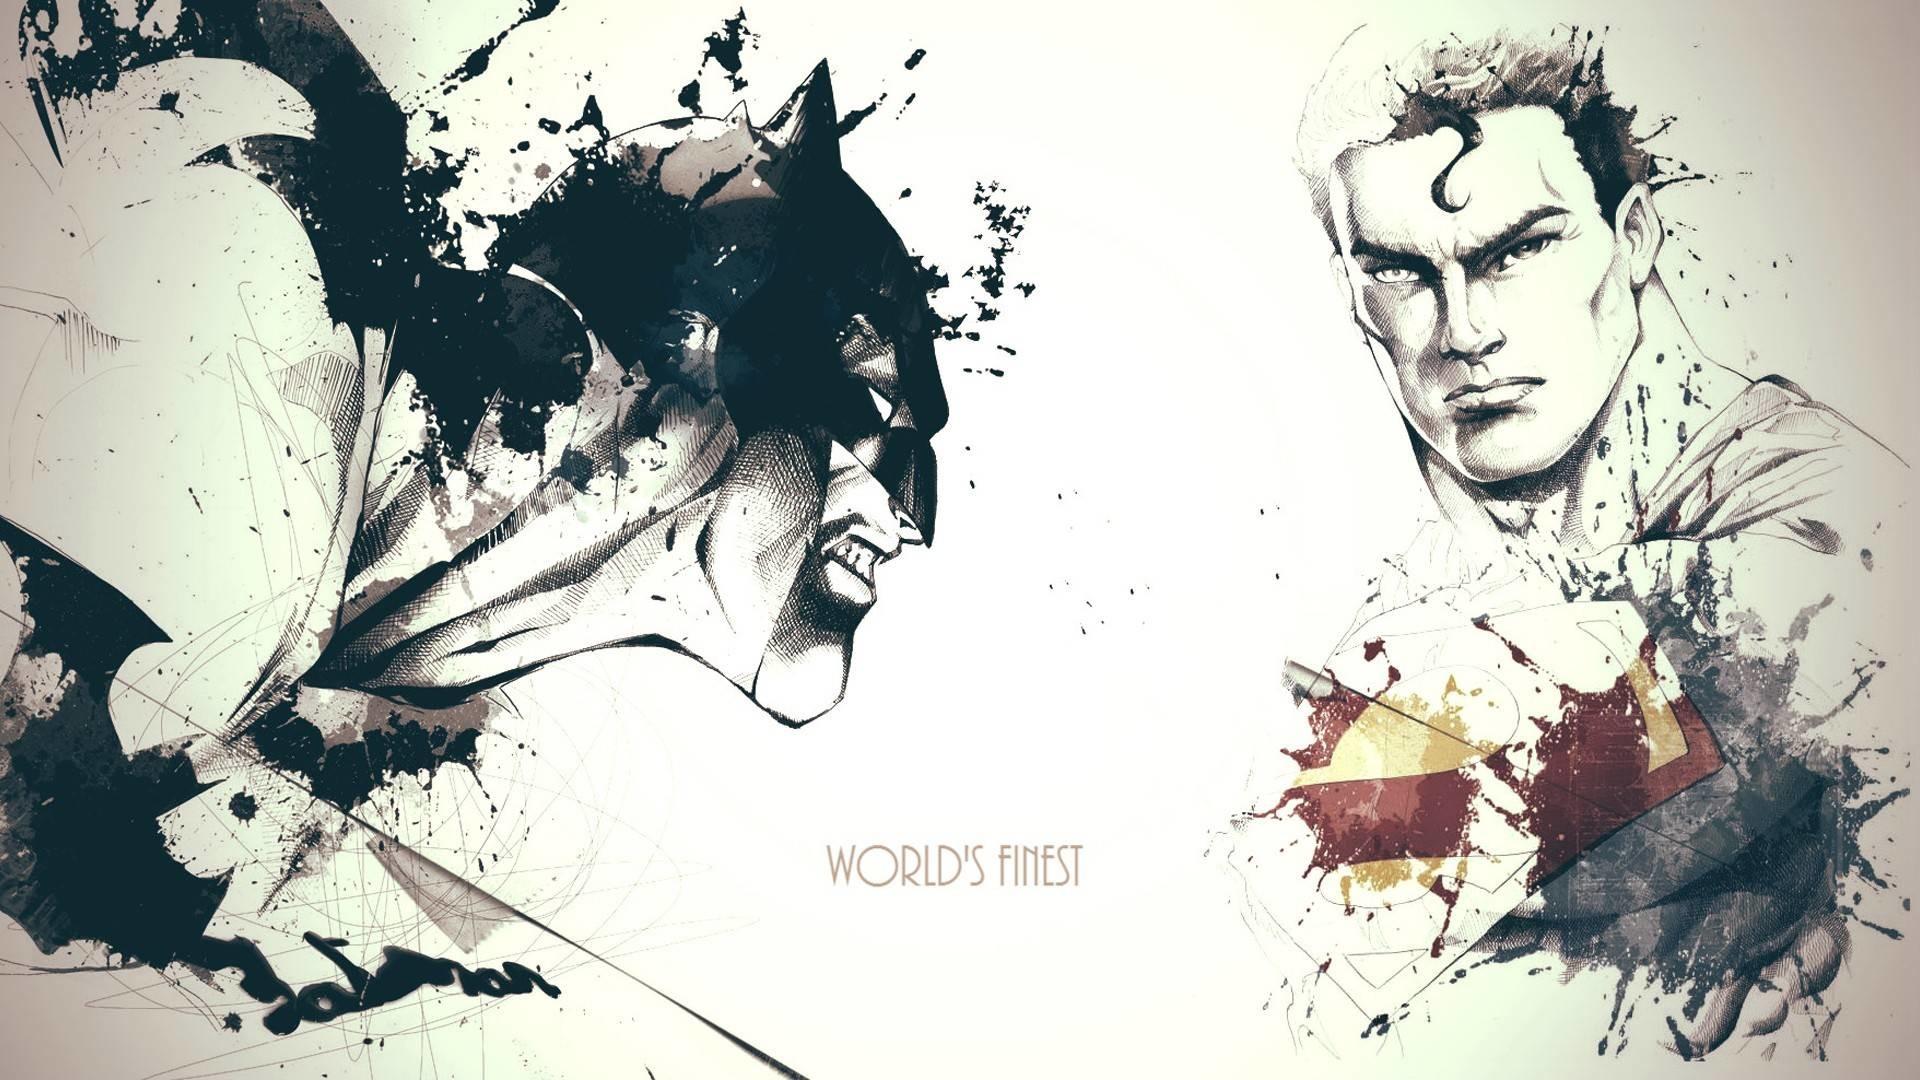 Batman Vs Superman Wallpapers – Wallpaper Cave